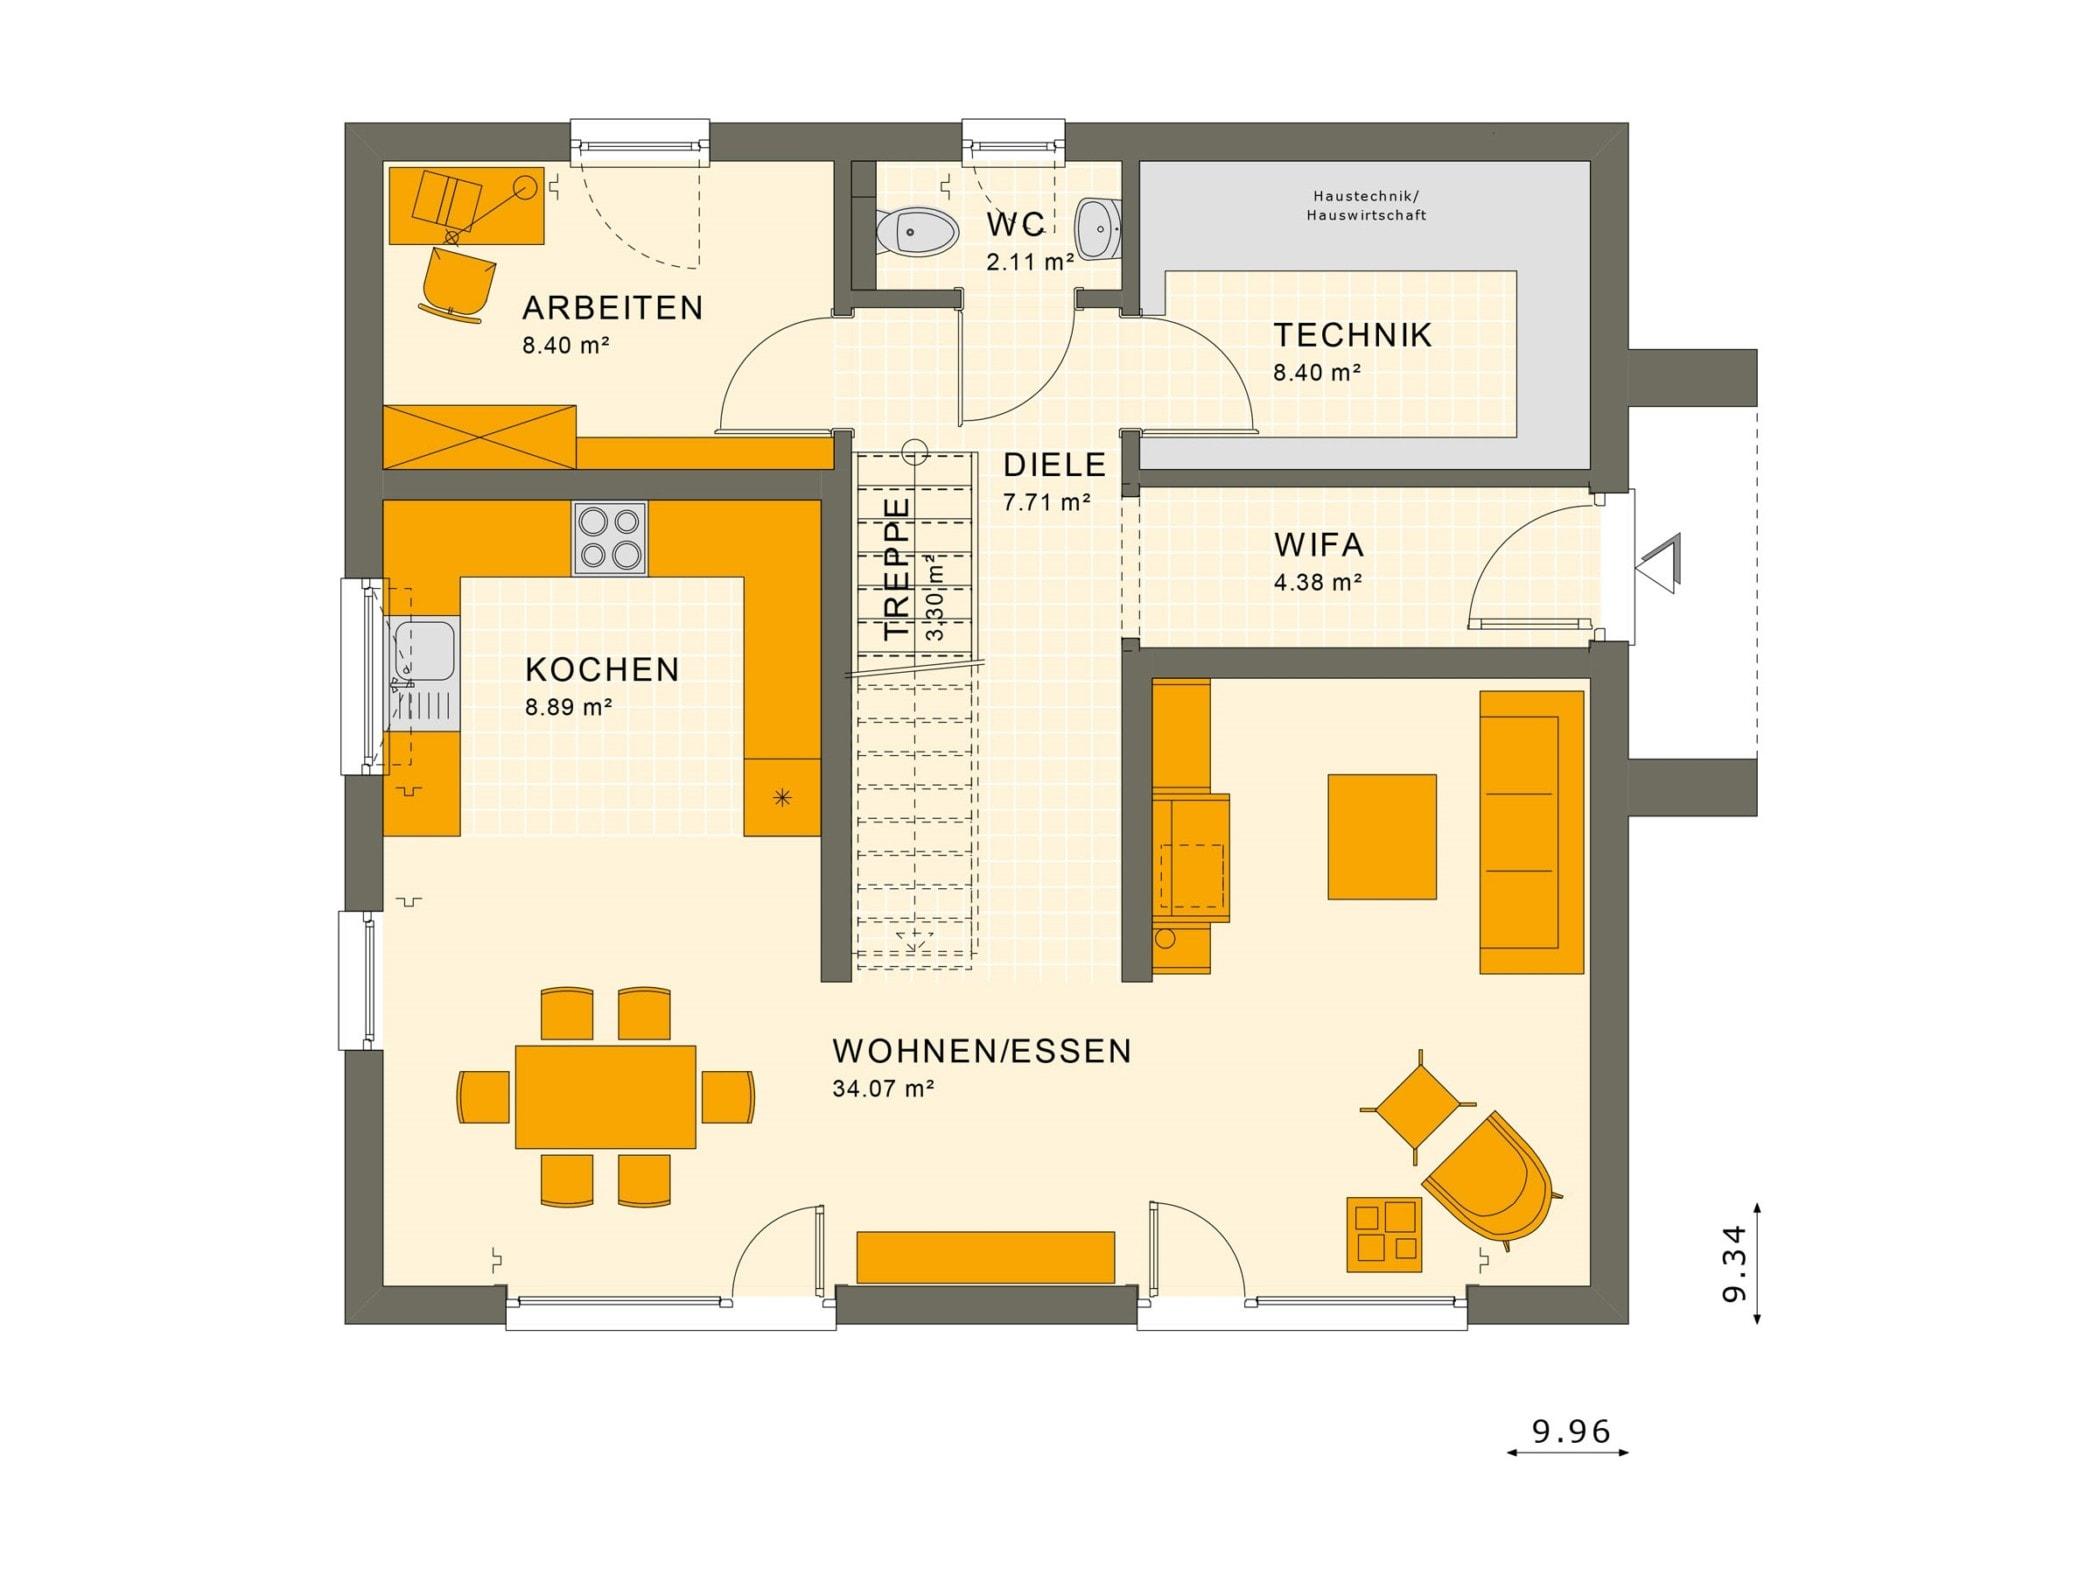 Einfamilienhaus Grundriss Erdgeschoss gerade Treppe mittig, 5 Zimmer, 150 qm - Fertighaus Living Haus SUNSHINE 154 V3 - HausbauDirekt.de